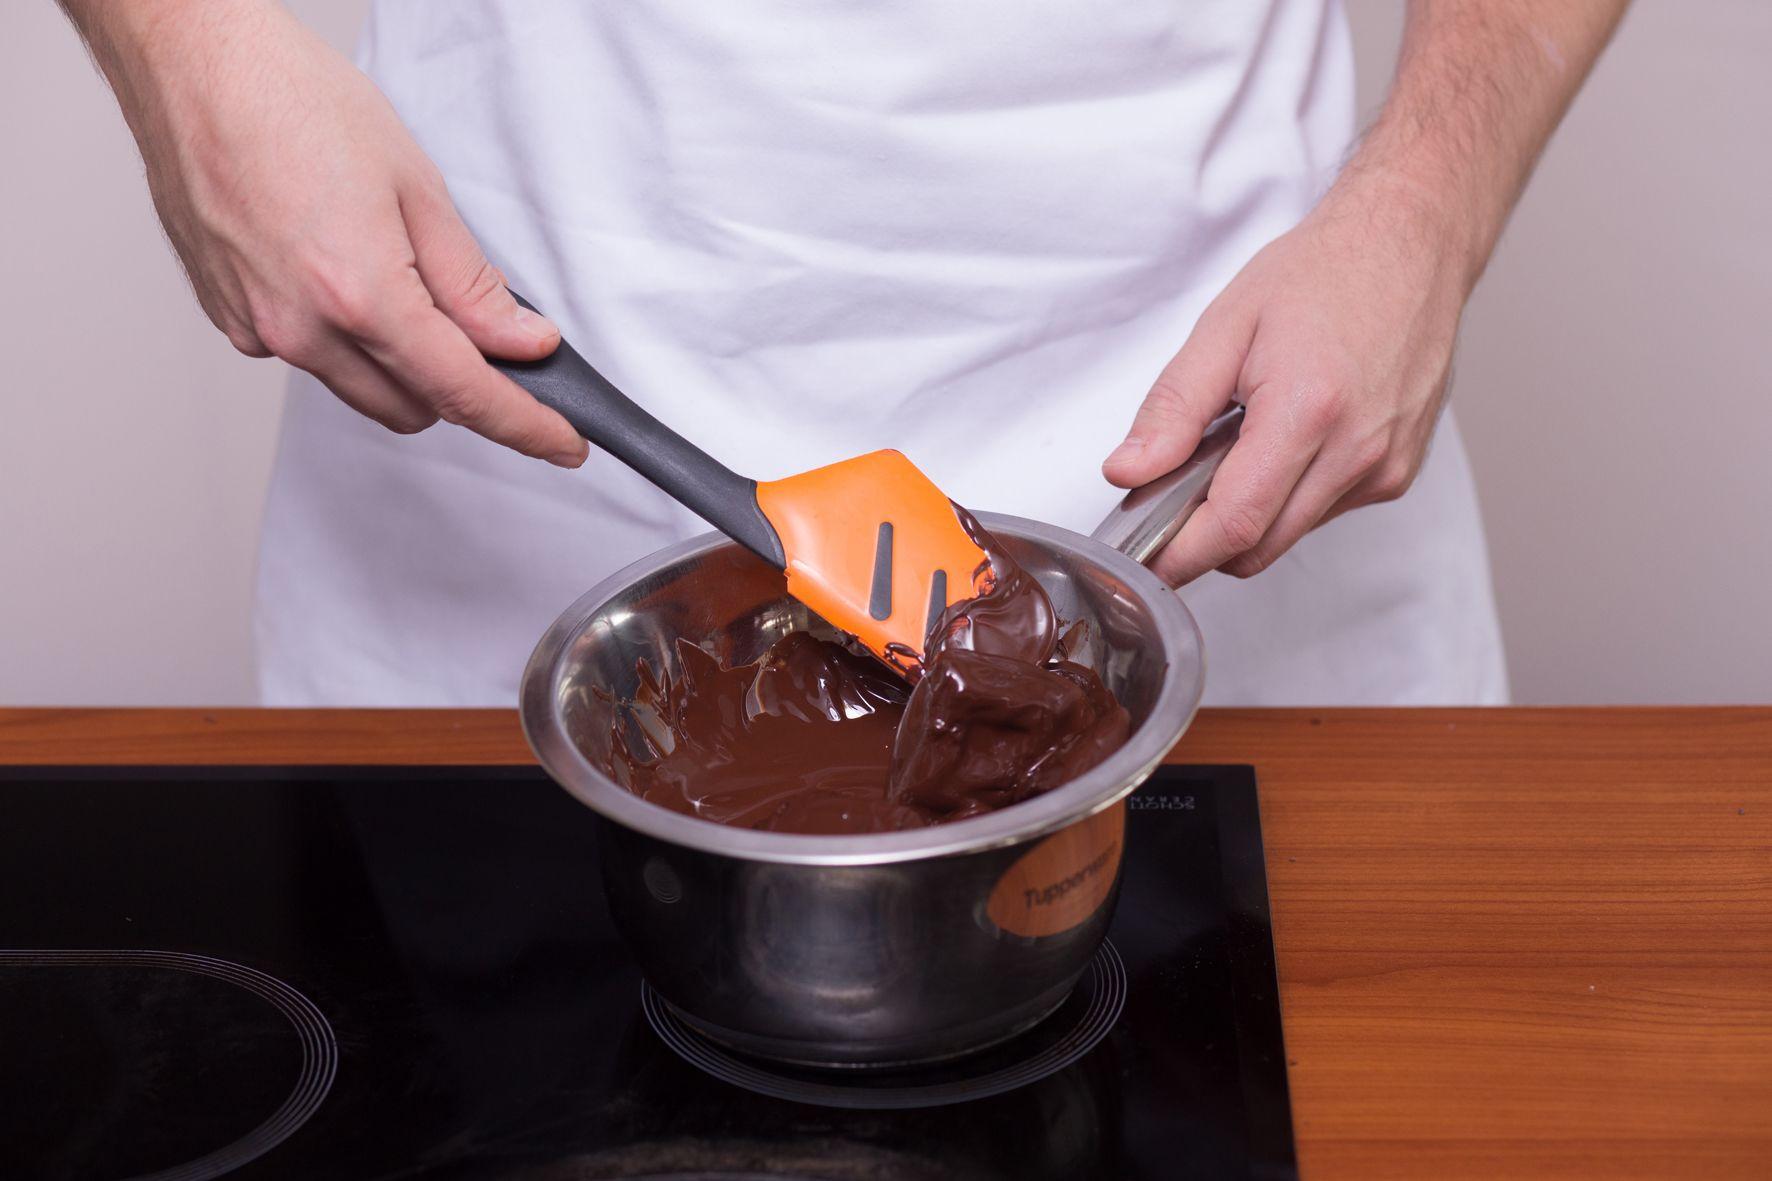 Как растопить шоколад в домашних условиях для торта, кексов и других блюд: рассказываем об основных способах и даем рекомендации